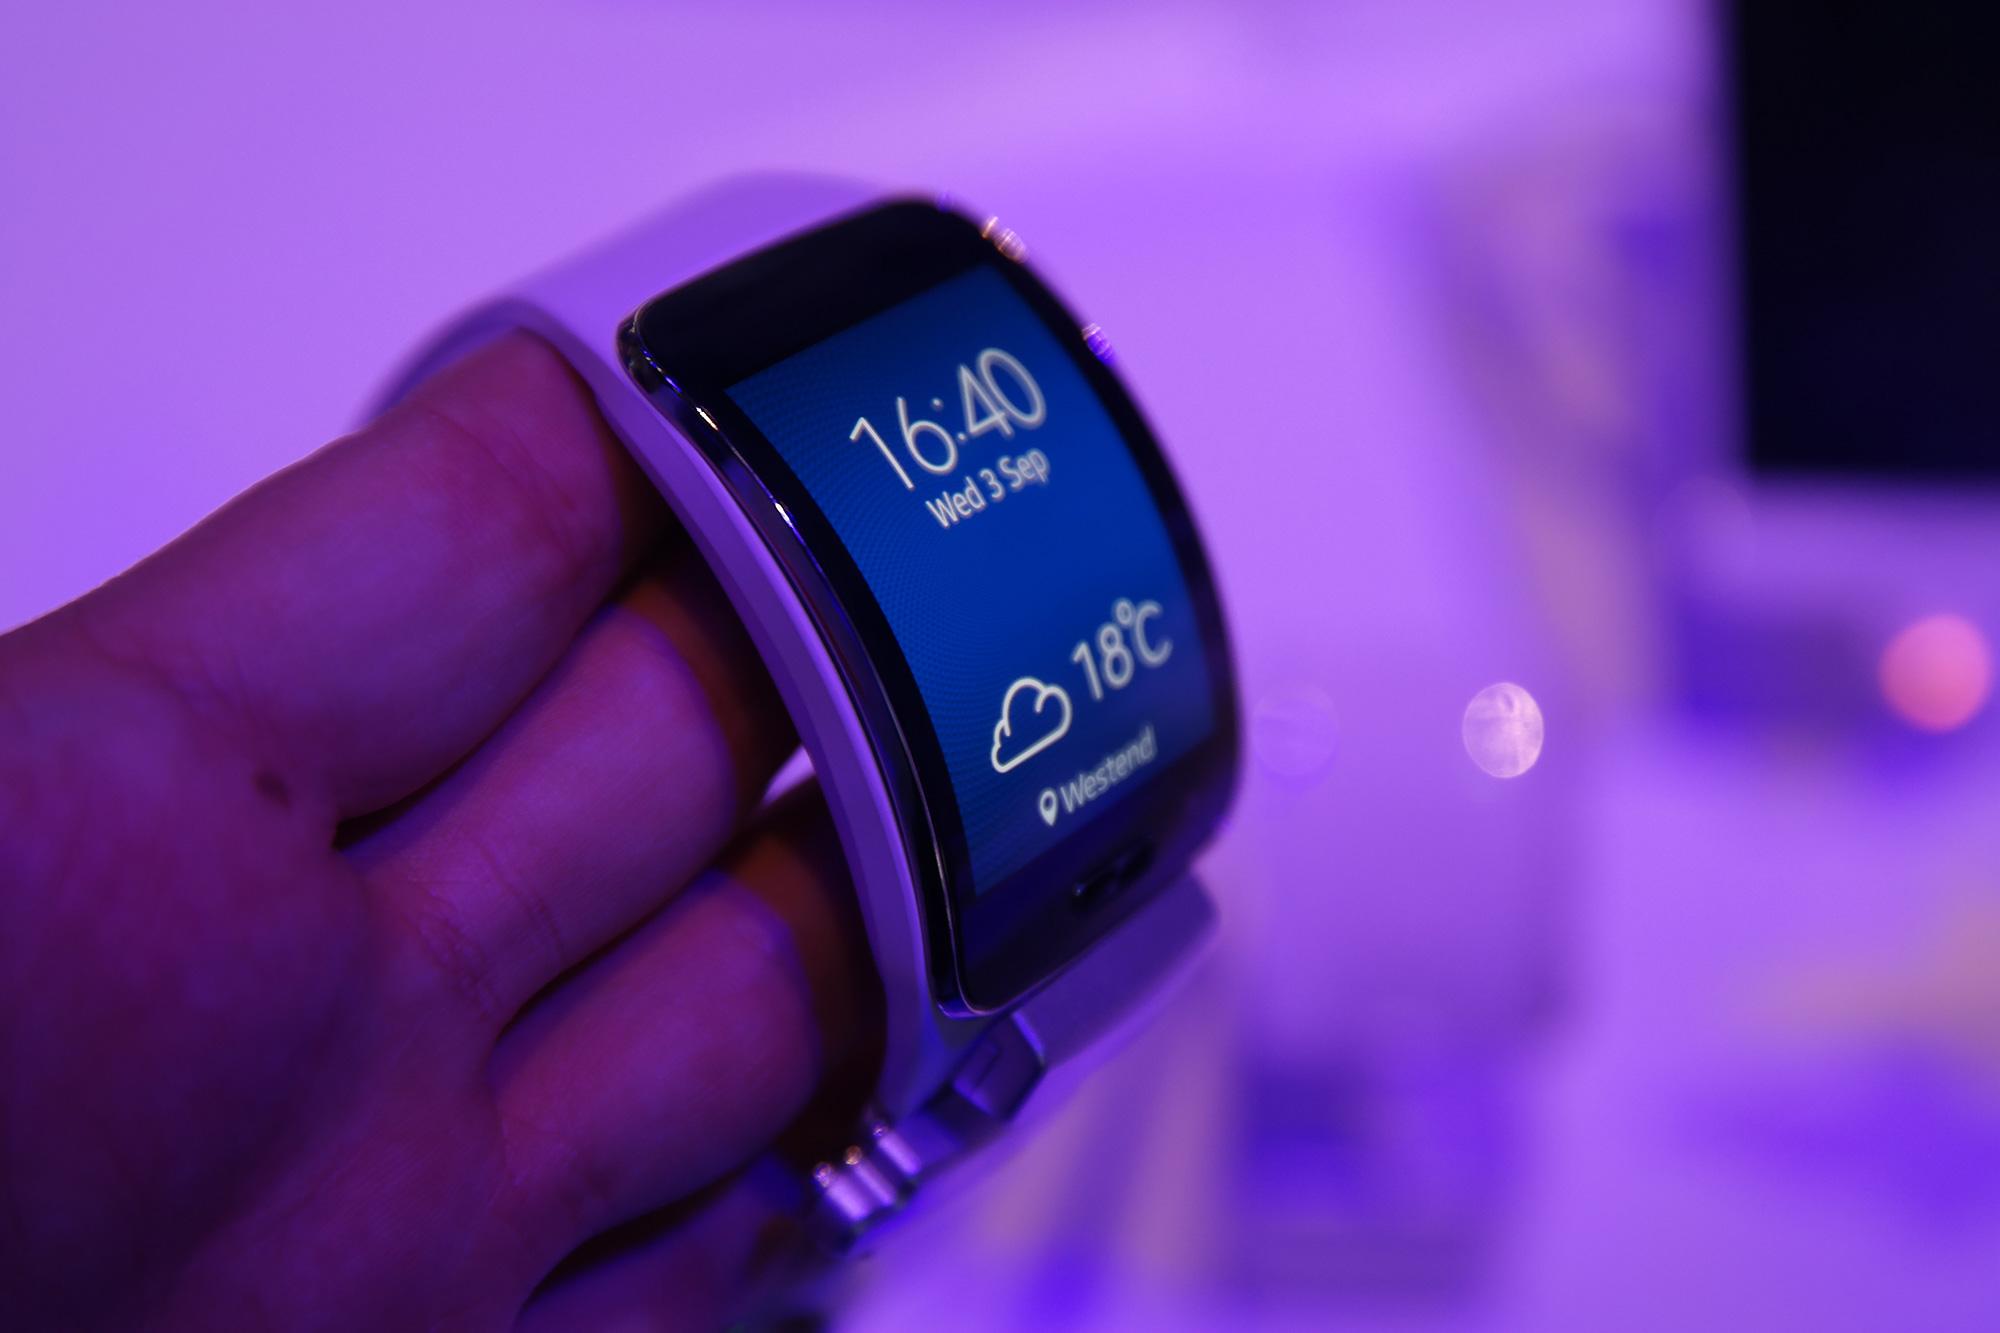 Gear S: 10.000 verkaufte Geräte am ersten Tag und ein erster Werbespot